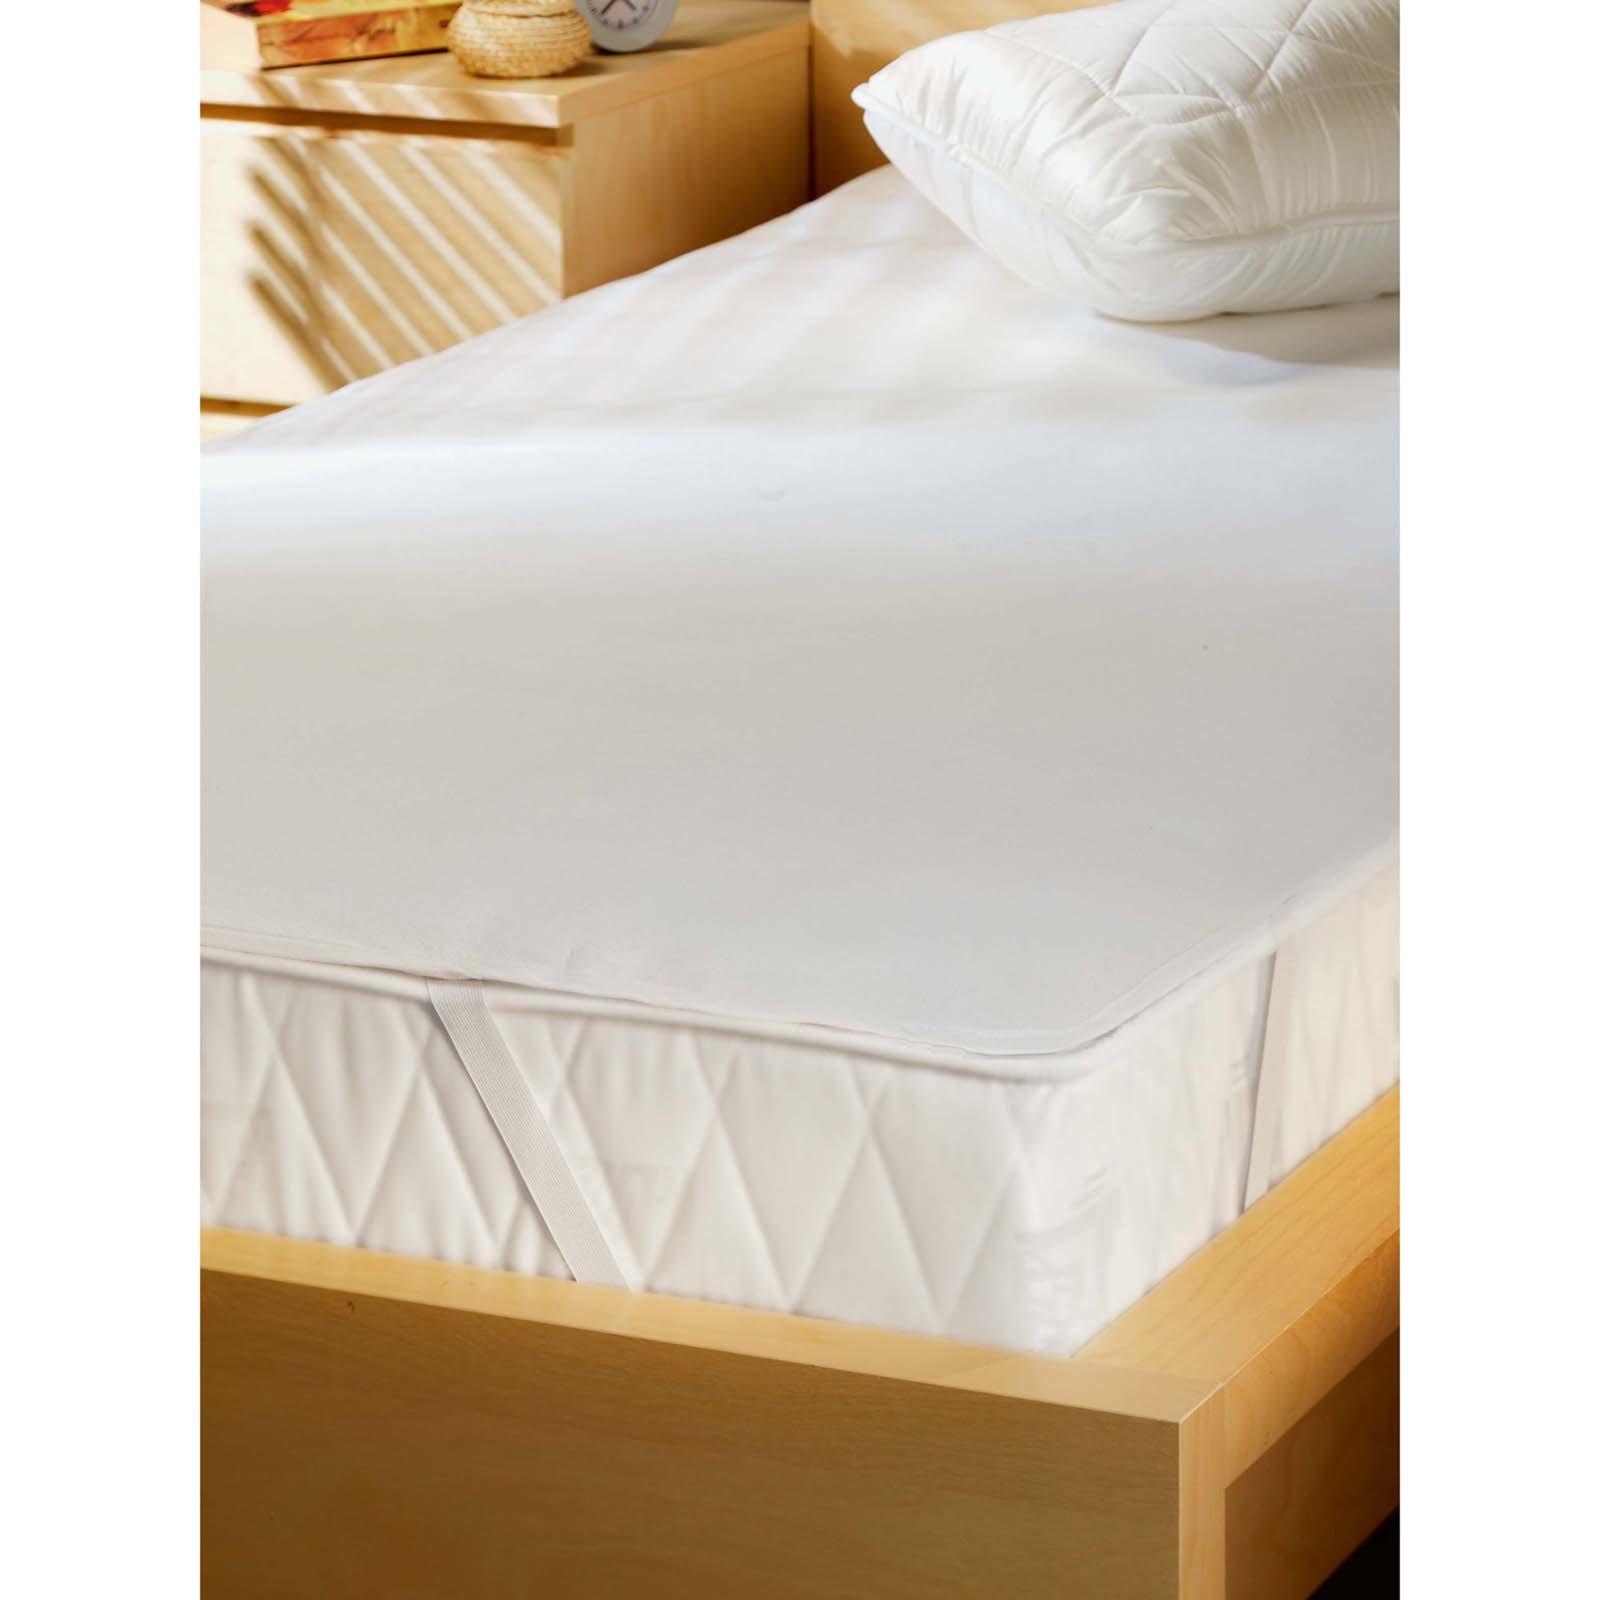 inkontinenzauflage generation spannauflage 140x200 cm. Black Bedroom Furniture Sets. Home Design Ideas